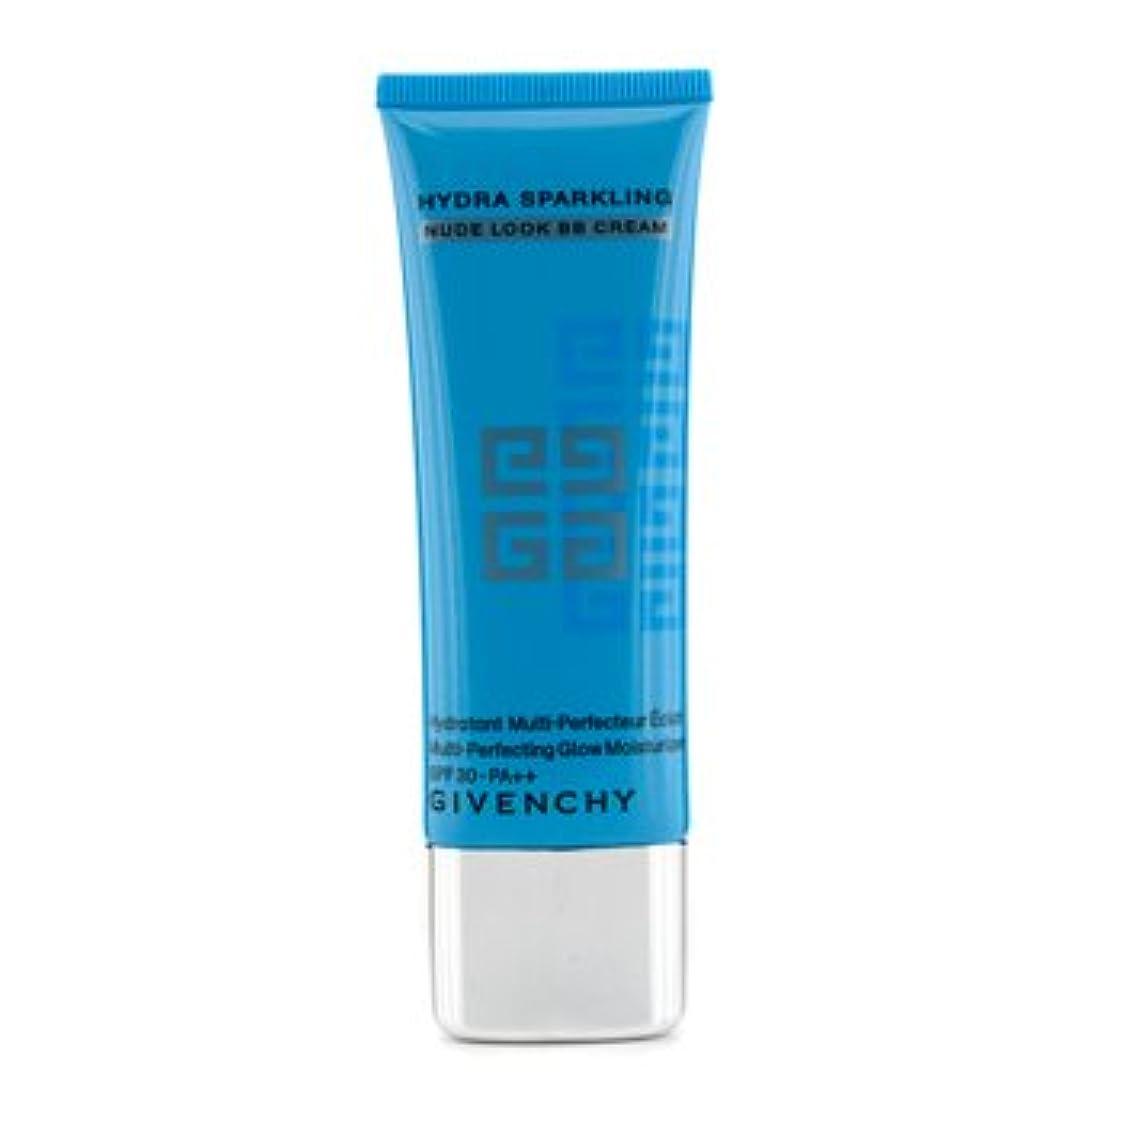 月曜日不完全なわかる[Givenchy] Nude Look BB Cream Multi-Perfecting Glow Moisturizer SPF 30 PA++ 40ml/1.35oz